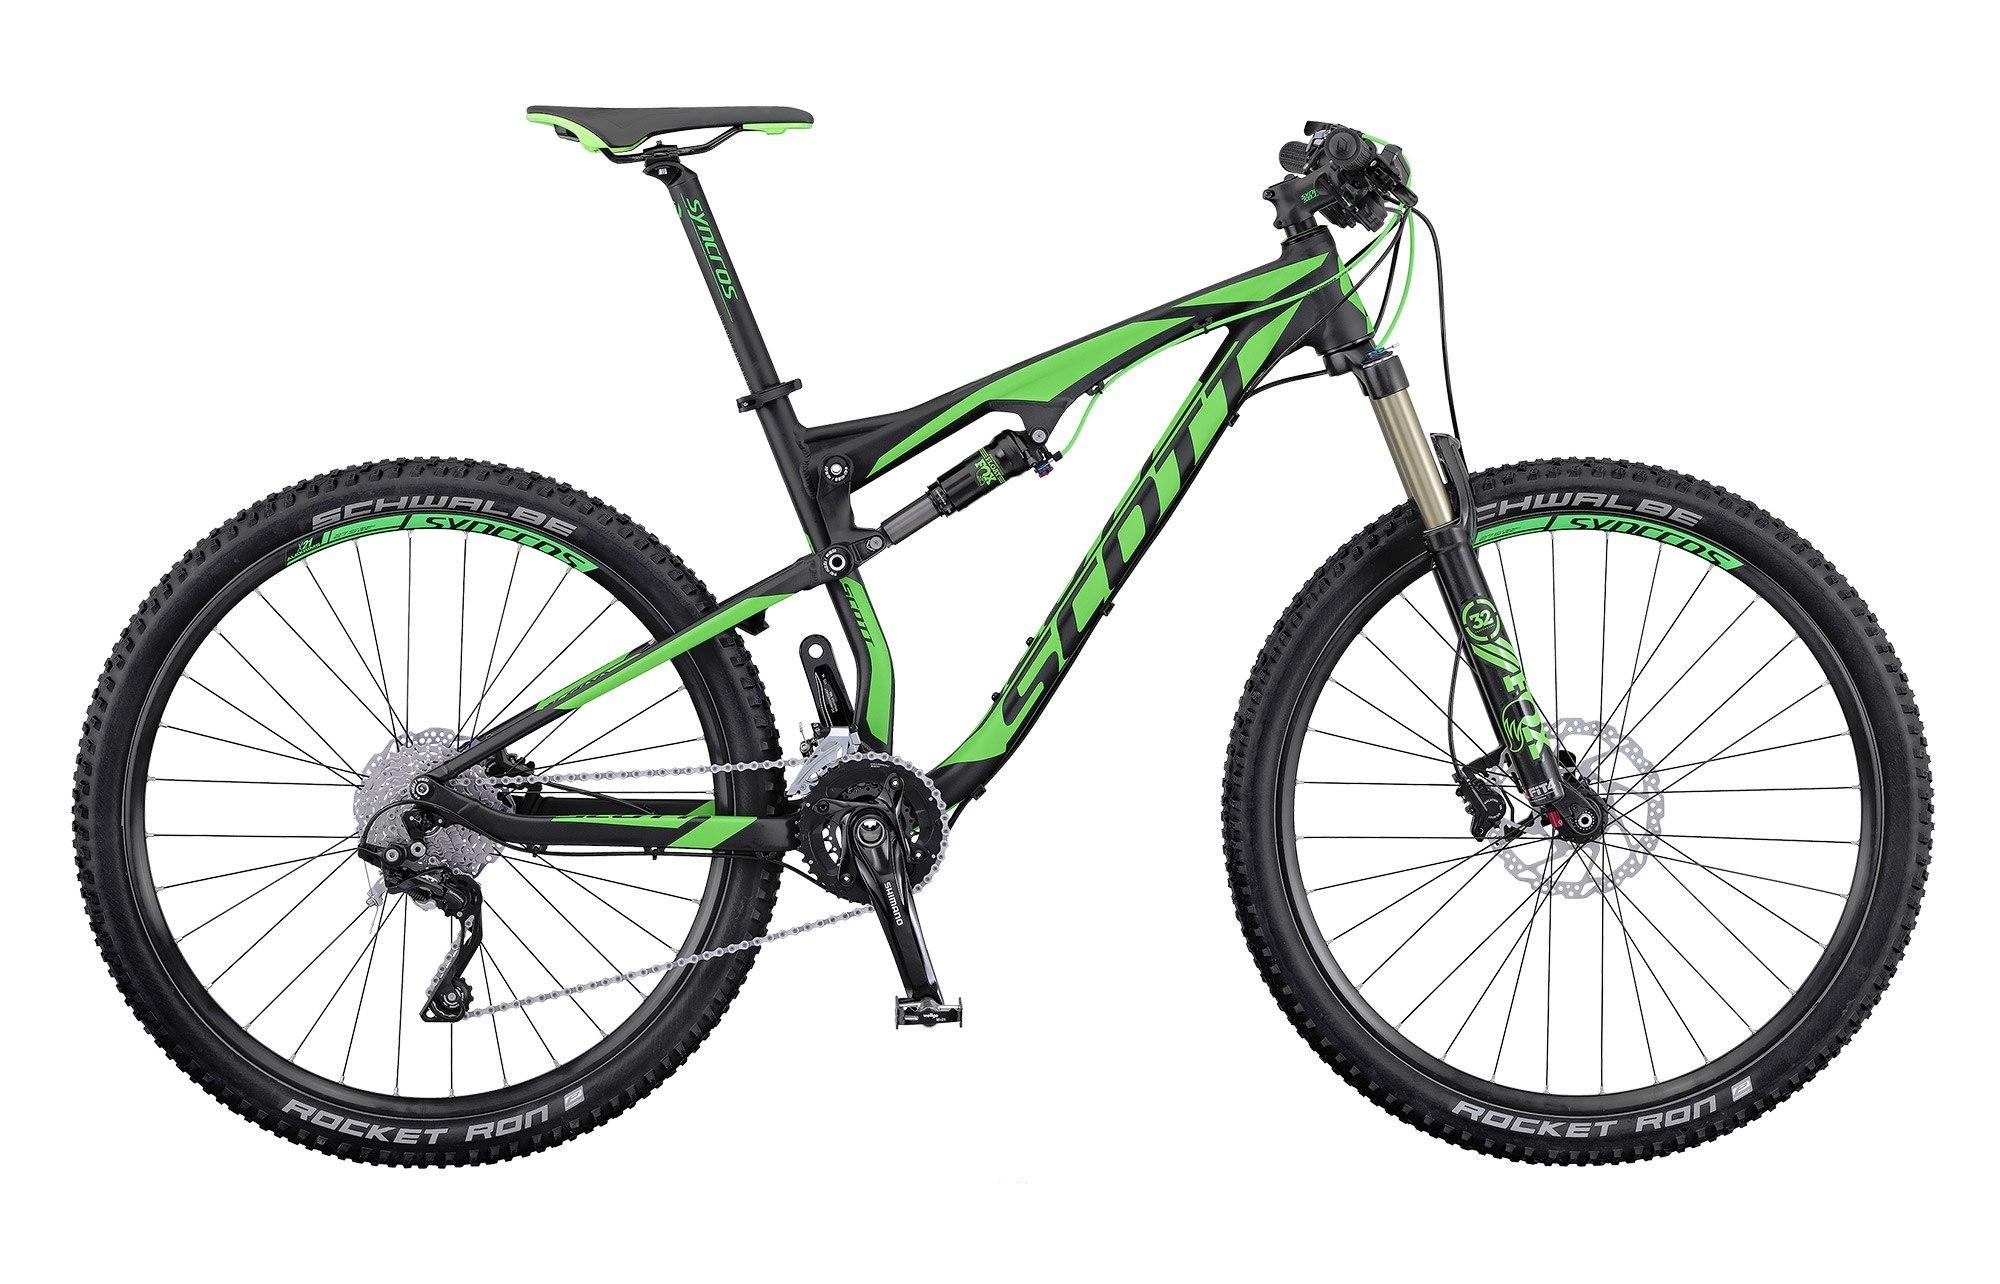 a021a35d5d5 2016 Scott Spark 750 Bike   R&A Cycles